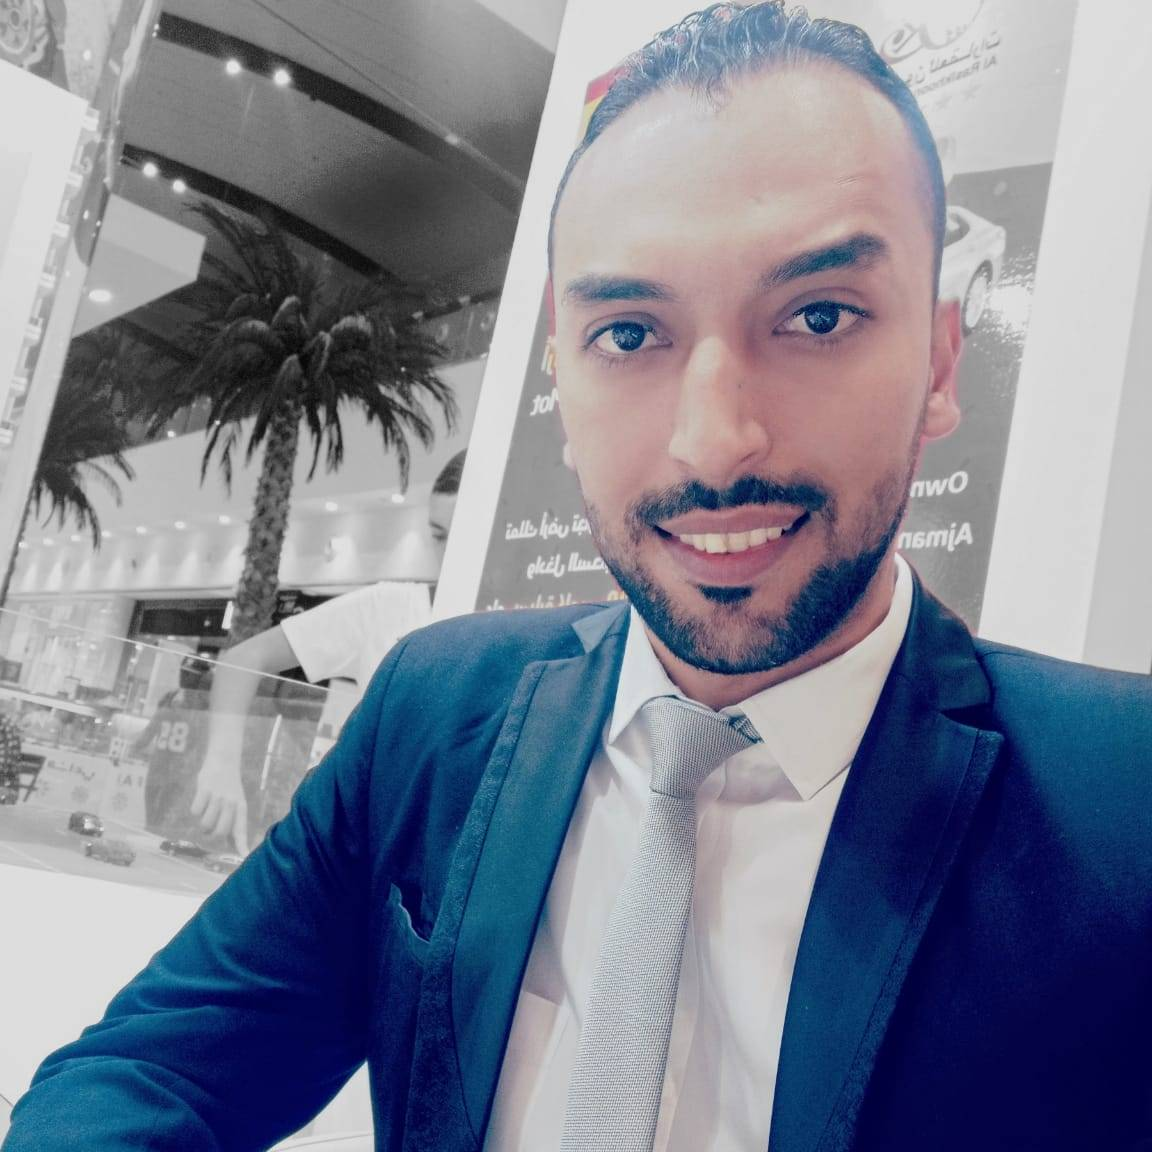 Ahmad Gomaa